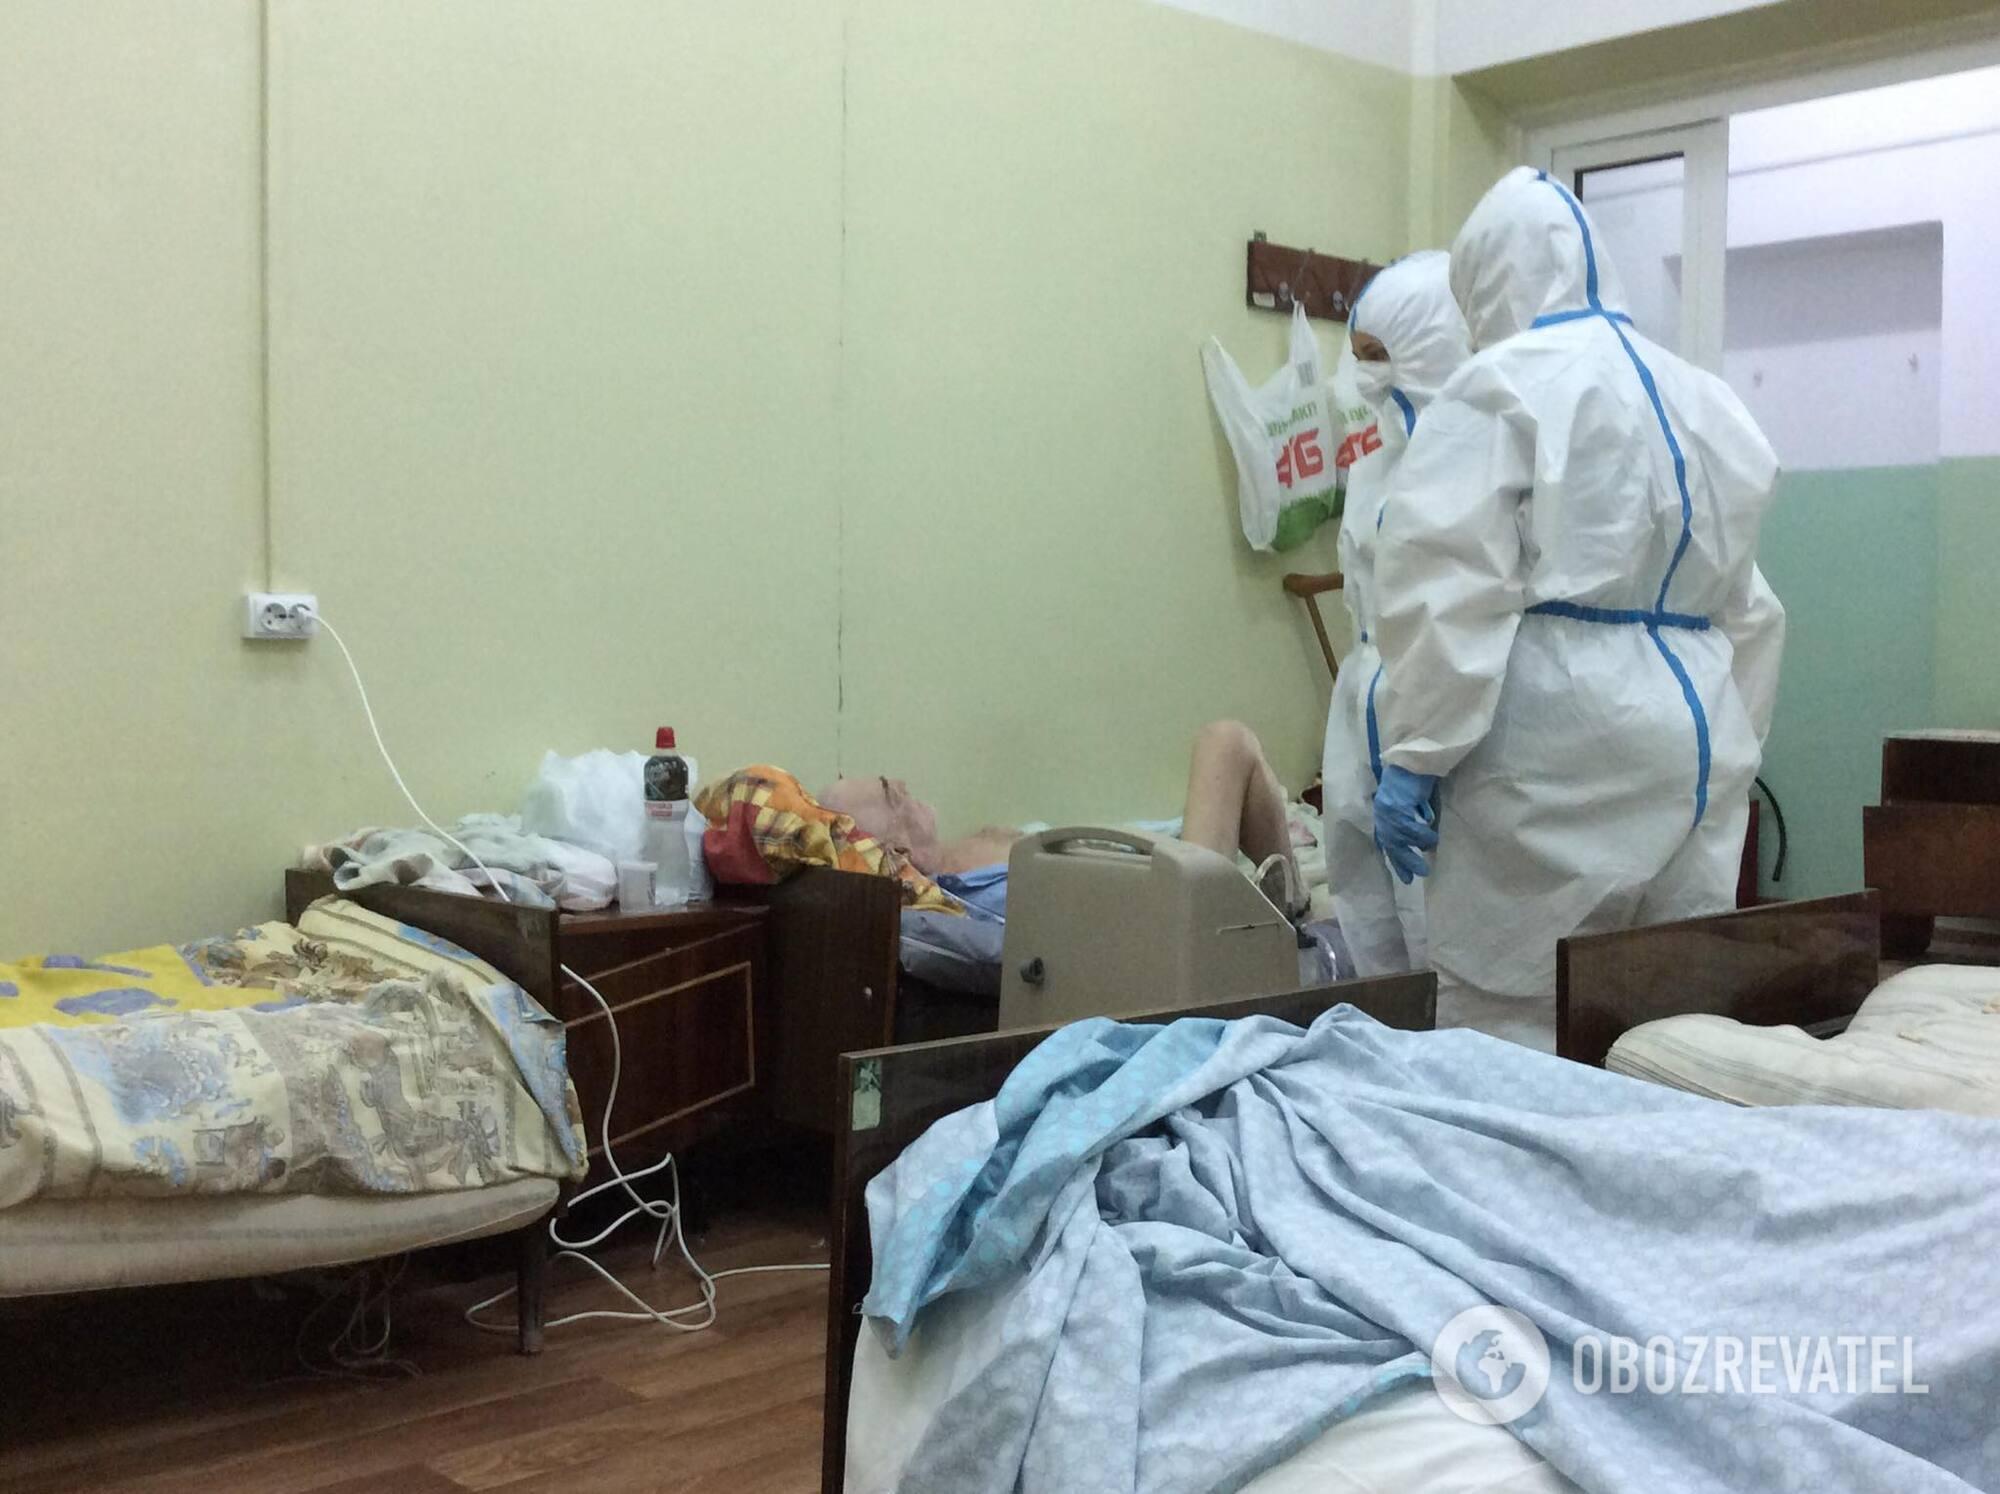 Їжа у відділенні для хворих коронавірусом в лікарні №4 в Маріуполі